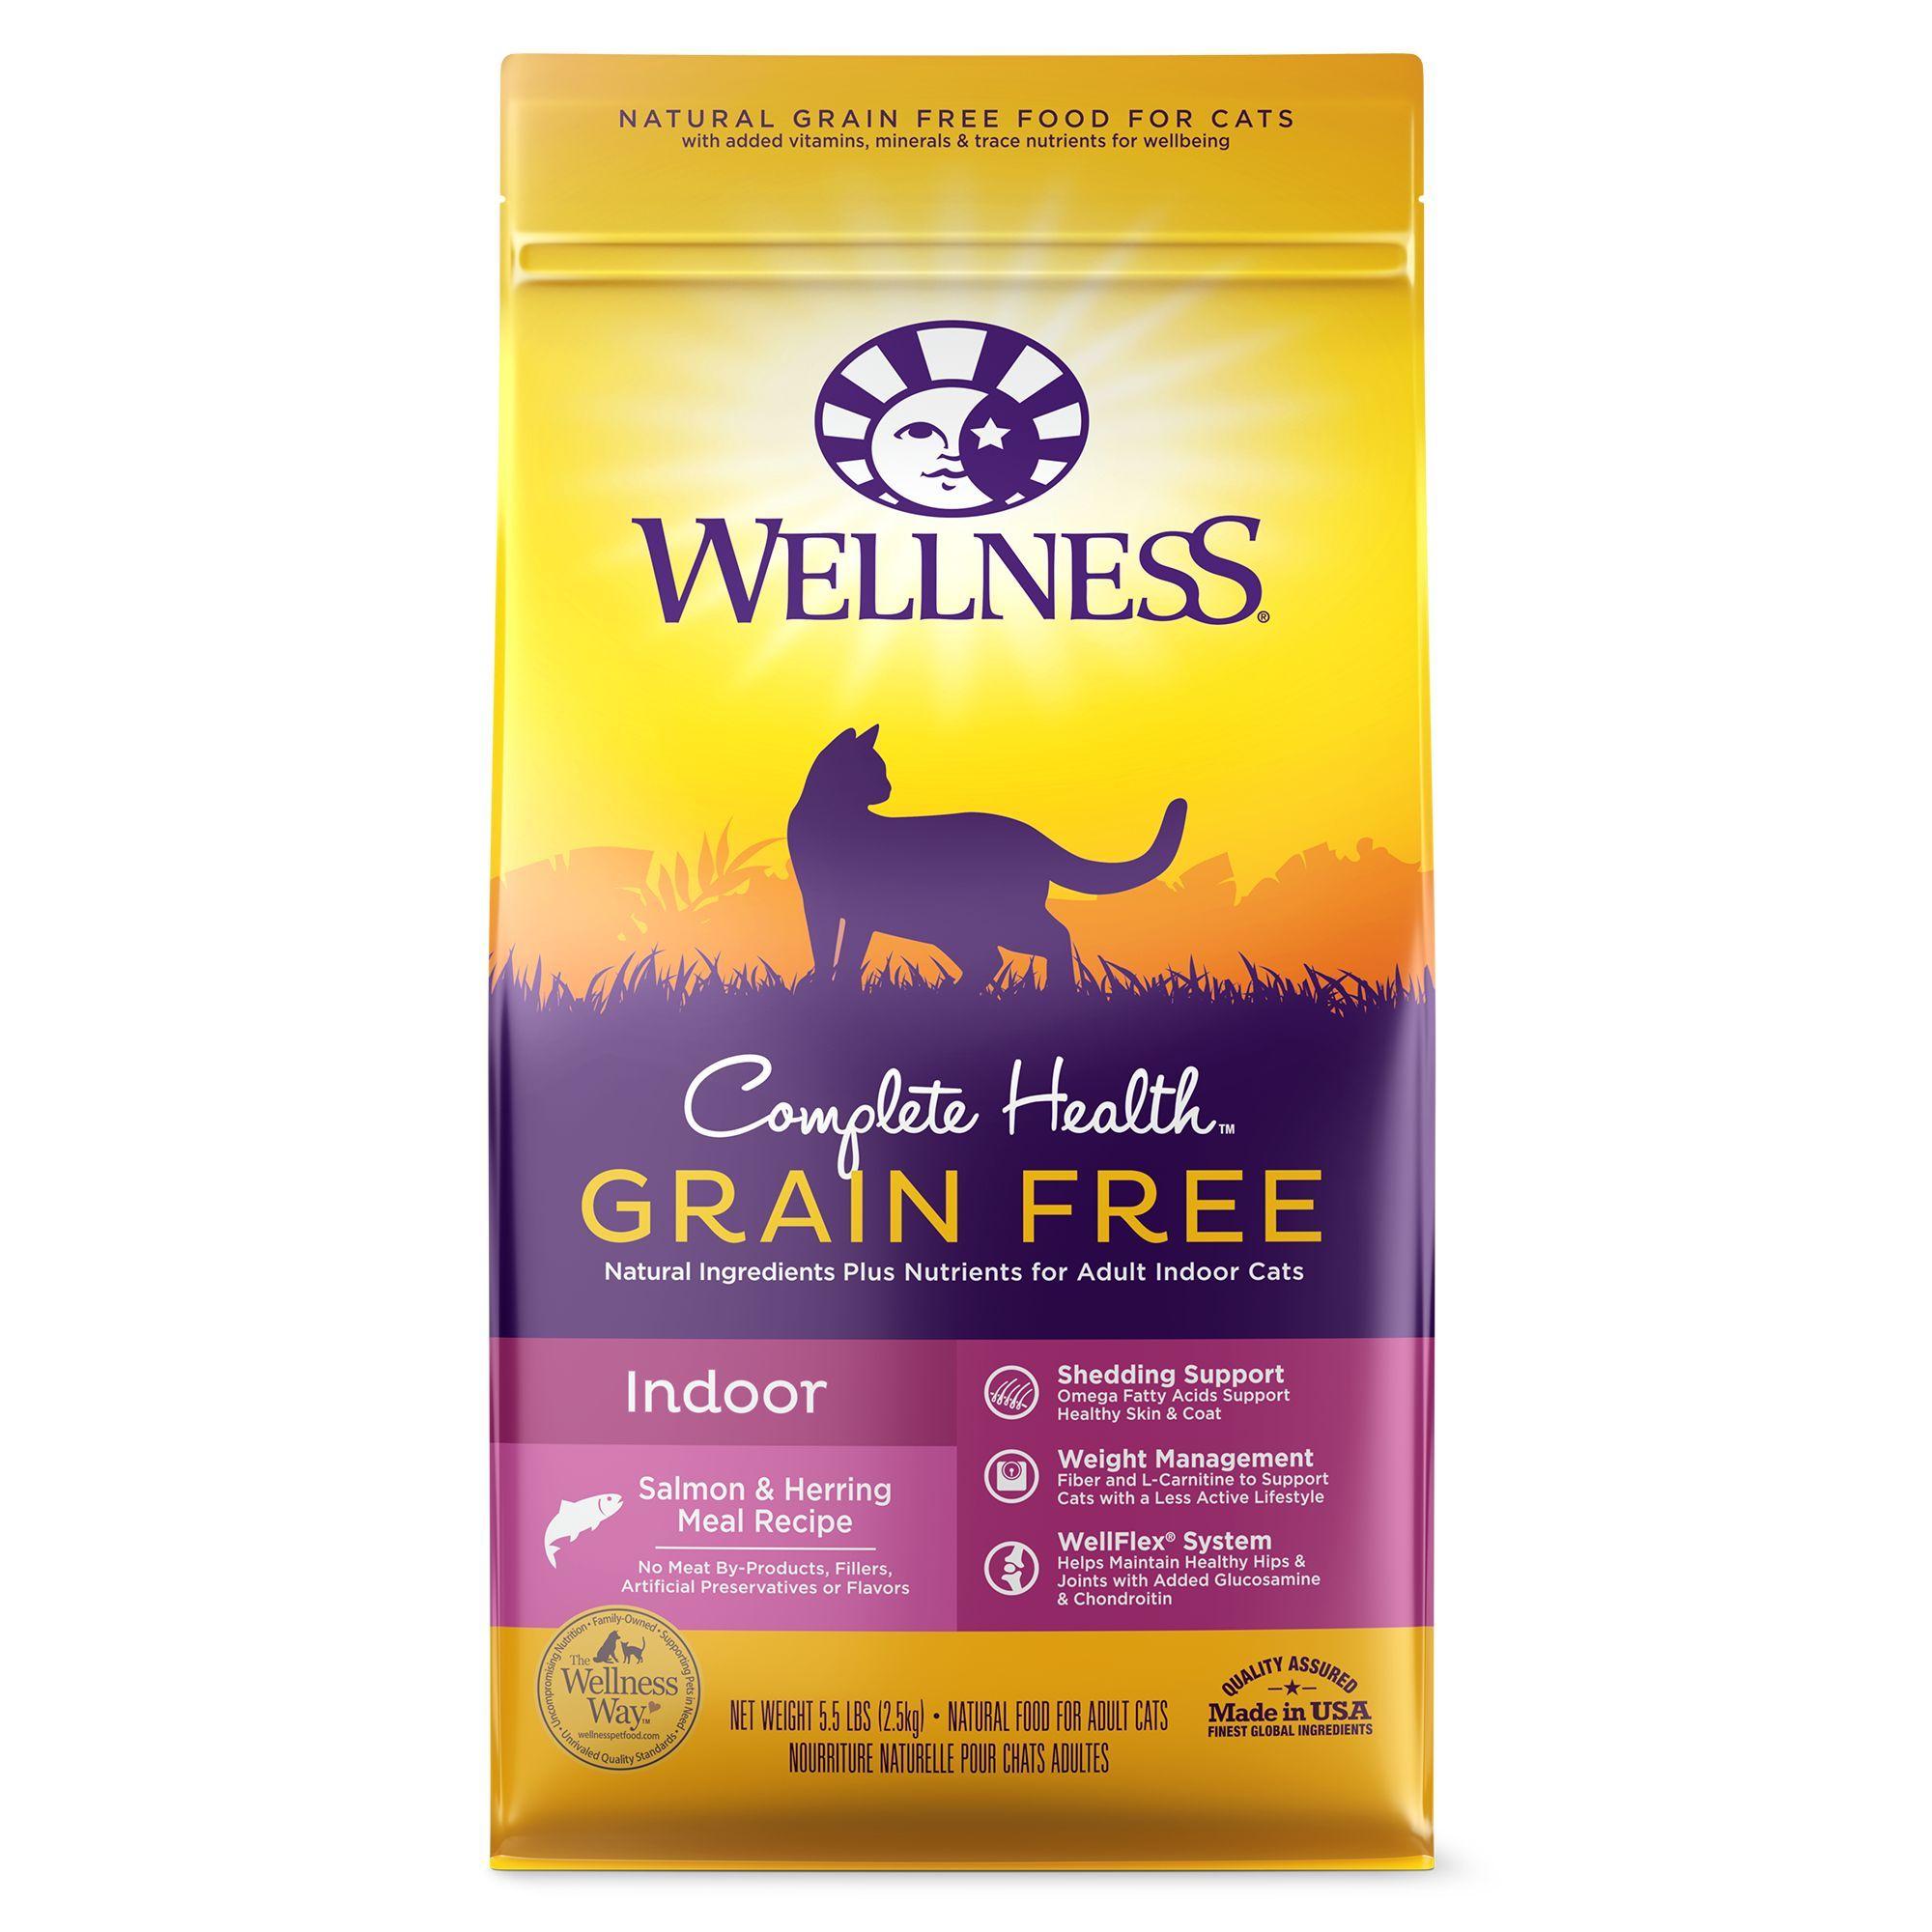 Wellness Complete Health Indoor Cat Food Natural Grain Free